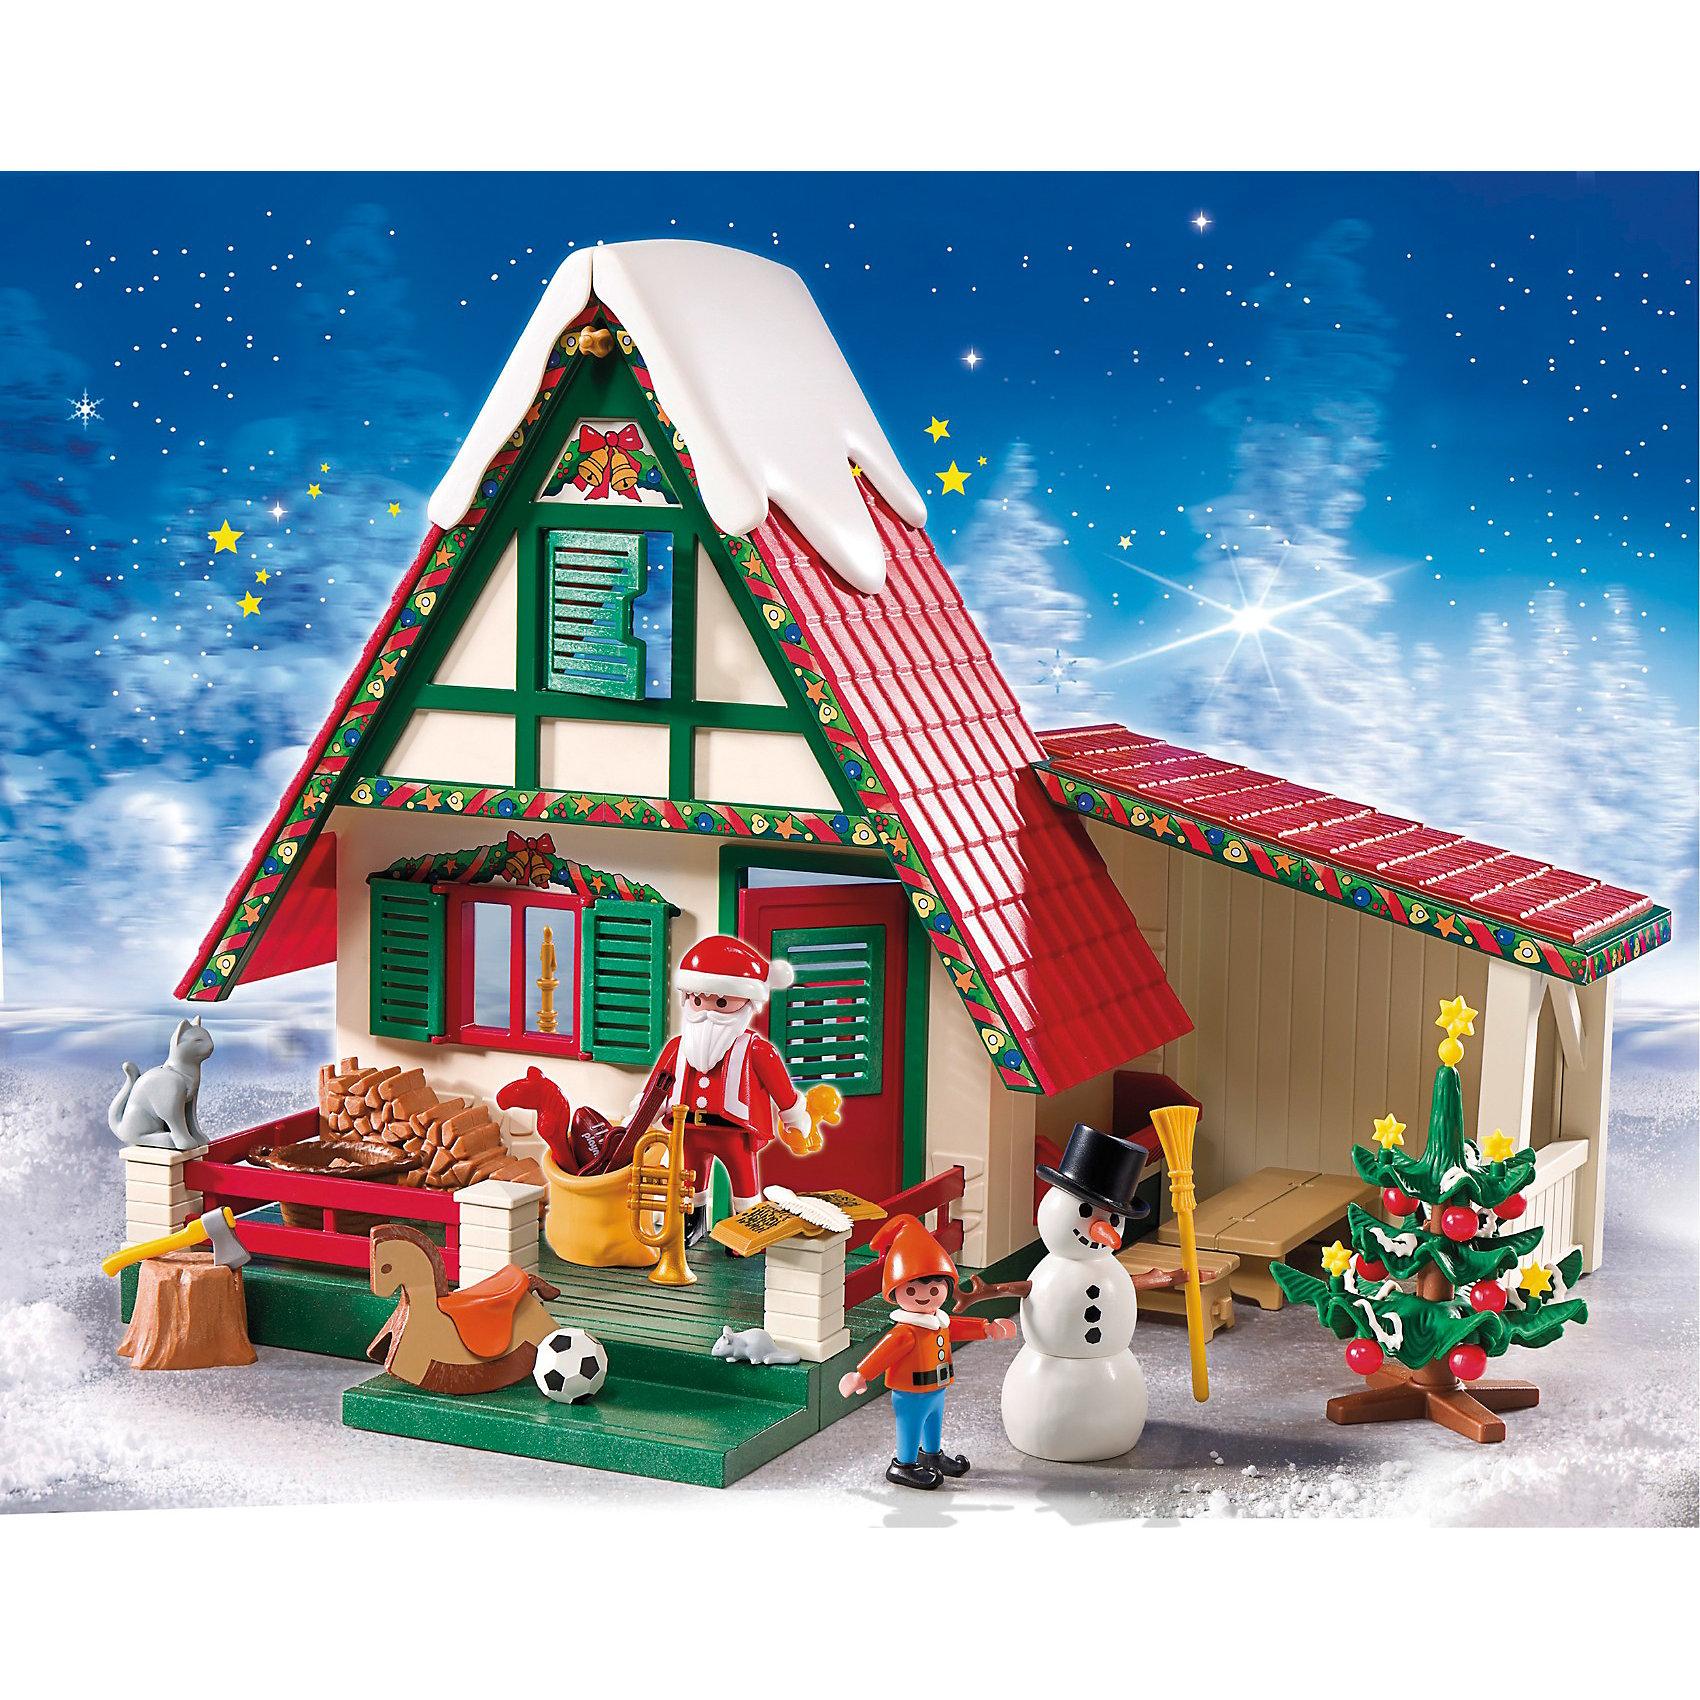 Дом Санта-Клауса, PlaymobilПластмассовые конструкторы<br>Характеристики игрушки:<br><br>• Предназначение: для сюжетно-ролевых игр<br>• Пол: универсальный<br>• Цвет: красный, зеленый, белый<br>• Материал: пластик<br>• Комплектация: 128 предметов<br>• Вес: 540 гр.<br>• Размеры домика: 30 см<br><br>Дом Санта-Клауса, Playmobil – это набор деталей и предметов для сбора домика Санта-Клауса.  Комплект состоит из 128 предметов, среди которых элементы для постройки дома и гаража, предметы интерьера, домашние животные и, конечно же, сам Санта-Клаус и новогодняя елка. Игрушка выполнена из экологически безопасного материала – пластика, все детали окрашены экологически безопасными красками. <br><br>Дом Санта-Клауса, Playmobil подарит не только увлекательные игры в новогодние праздники, но и станет красивым интерьерным украшением к празднику. <br><br>Дом Санта-Клауса, Playmobil можно купить в нашем интернет-магазине.<br><br>Подробнее:<br>Для детей в возрасте: от 4 до 10 лет<br>Номер товара: 3536867<br>Страна производитель: Китай<br><br>Ширина мм: 506<br>Глубина мм: 401<br>Высота мм: 104<br>Вес г: 1396<br>Возраст от месяцев: 48<br>Возраст до месяцев: 120<br>Пол: Унисекс<br>Возраст: Детский<br>SKU: 3536867